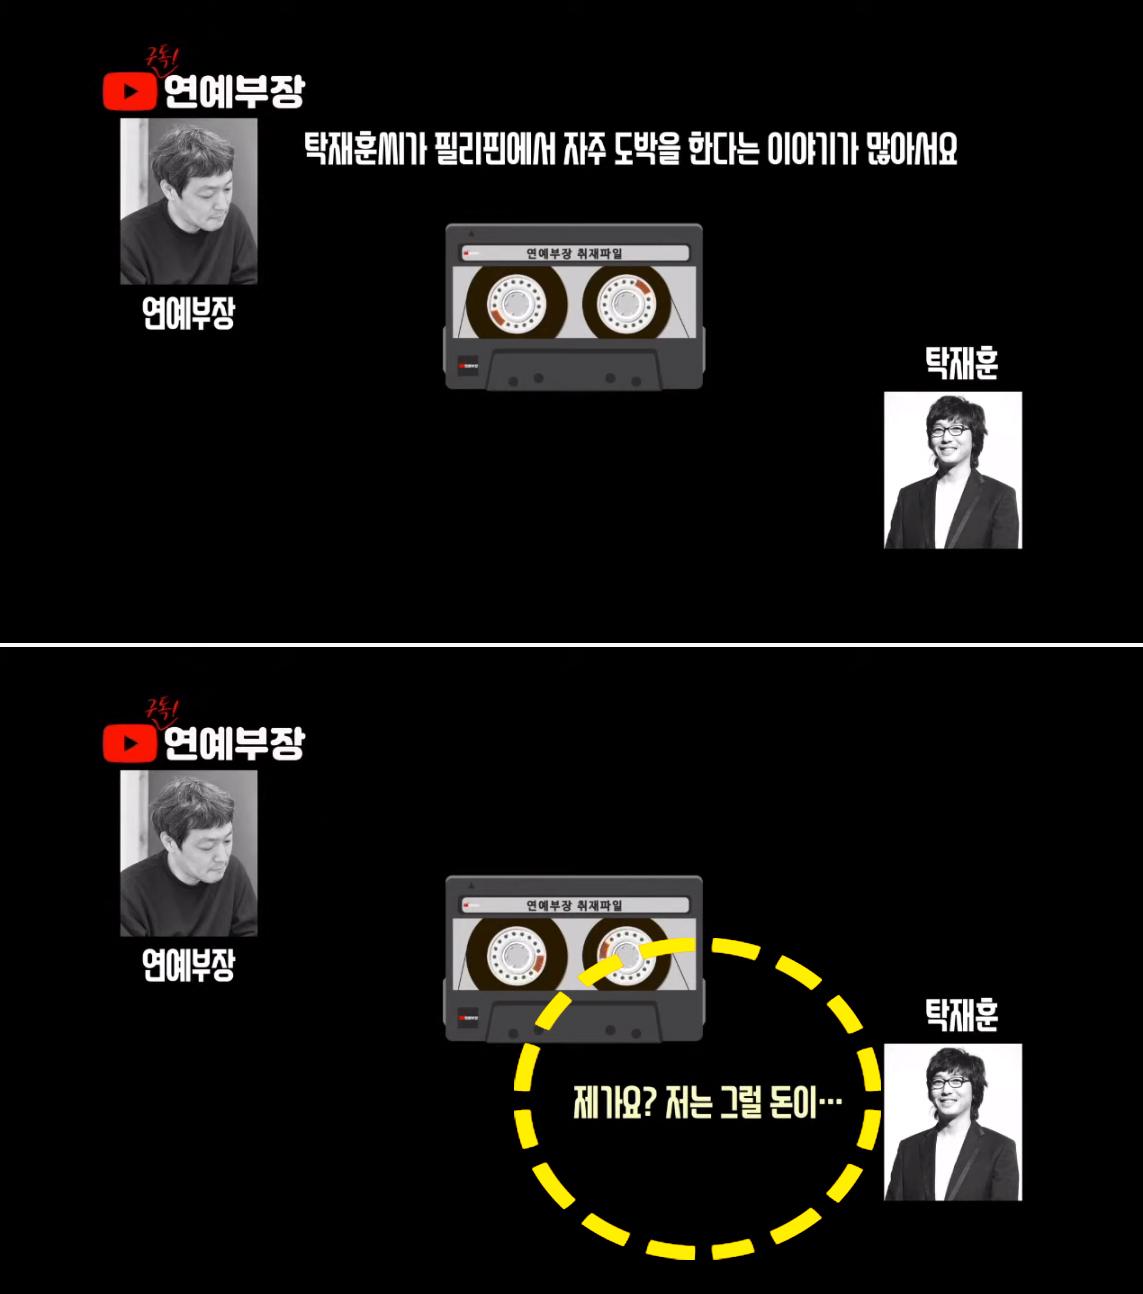 """탁재훈은 불법 도박 의혹에 대해 '제가 돈이 없다""""고 밝혔다. 유튜브 캡처"""